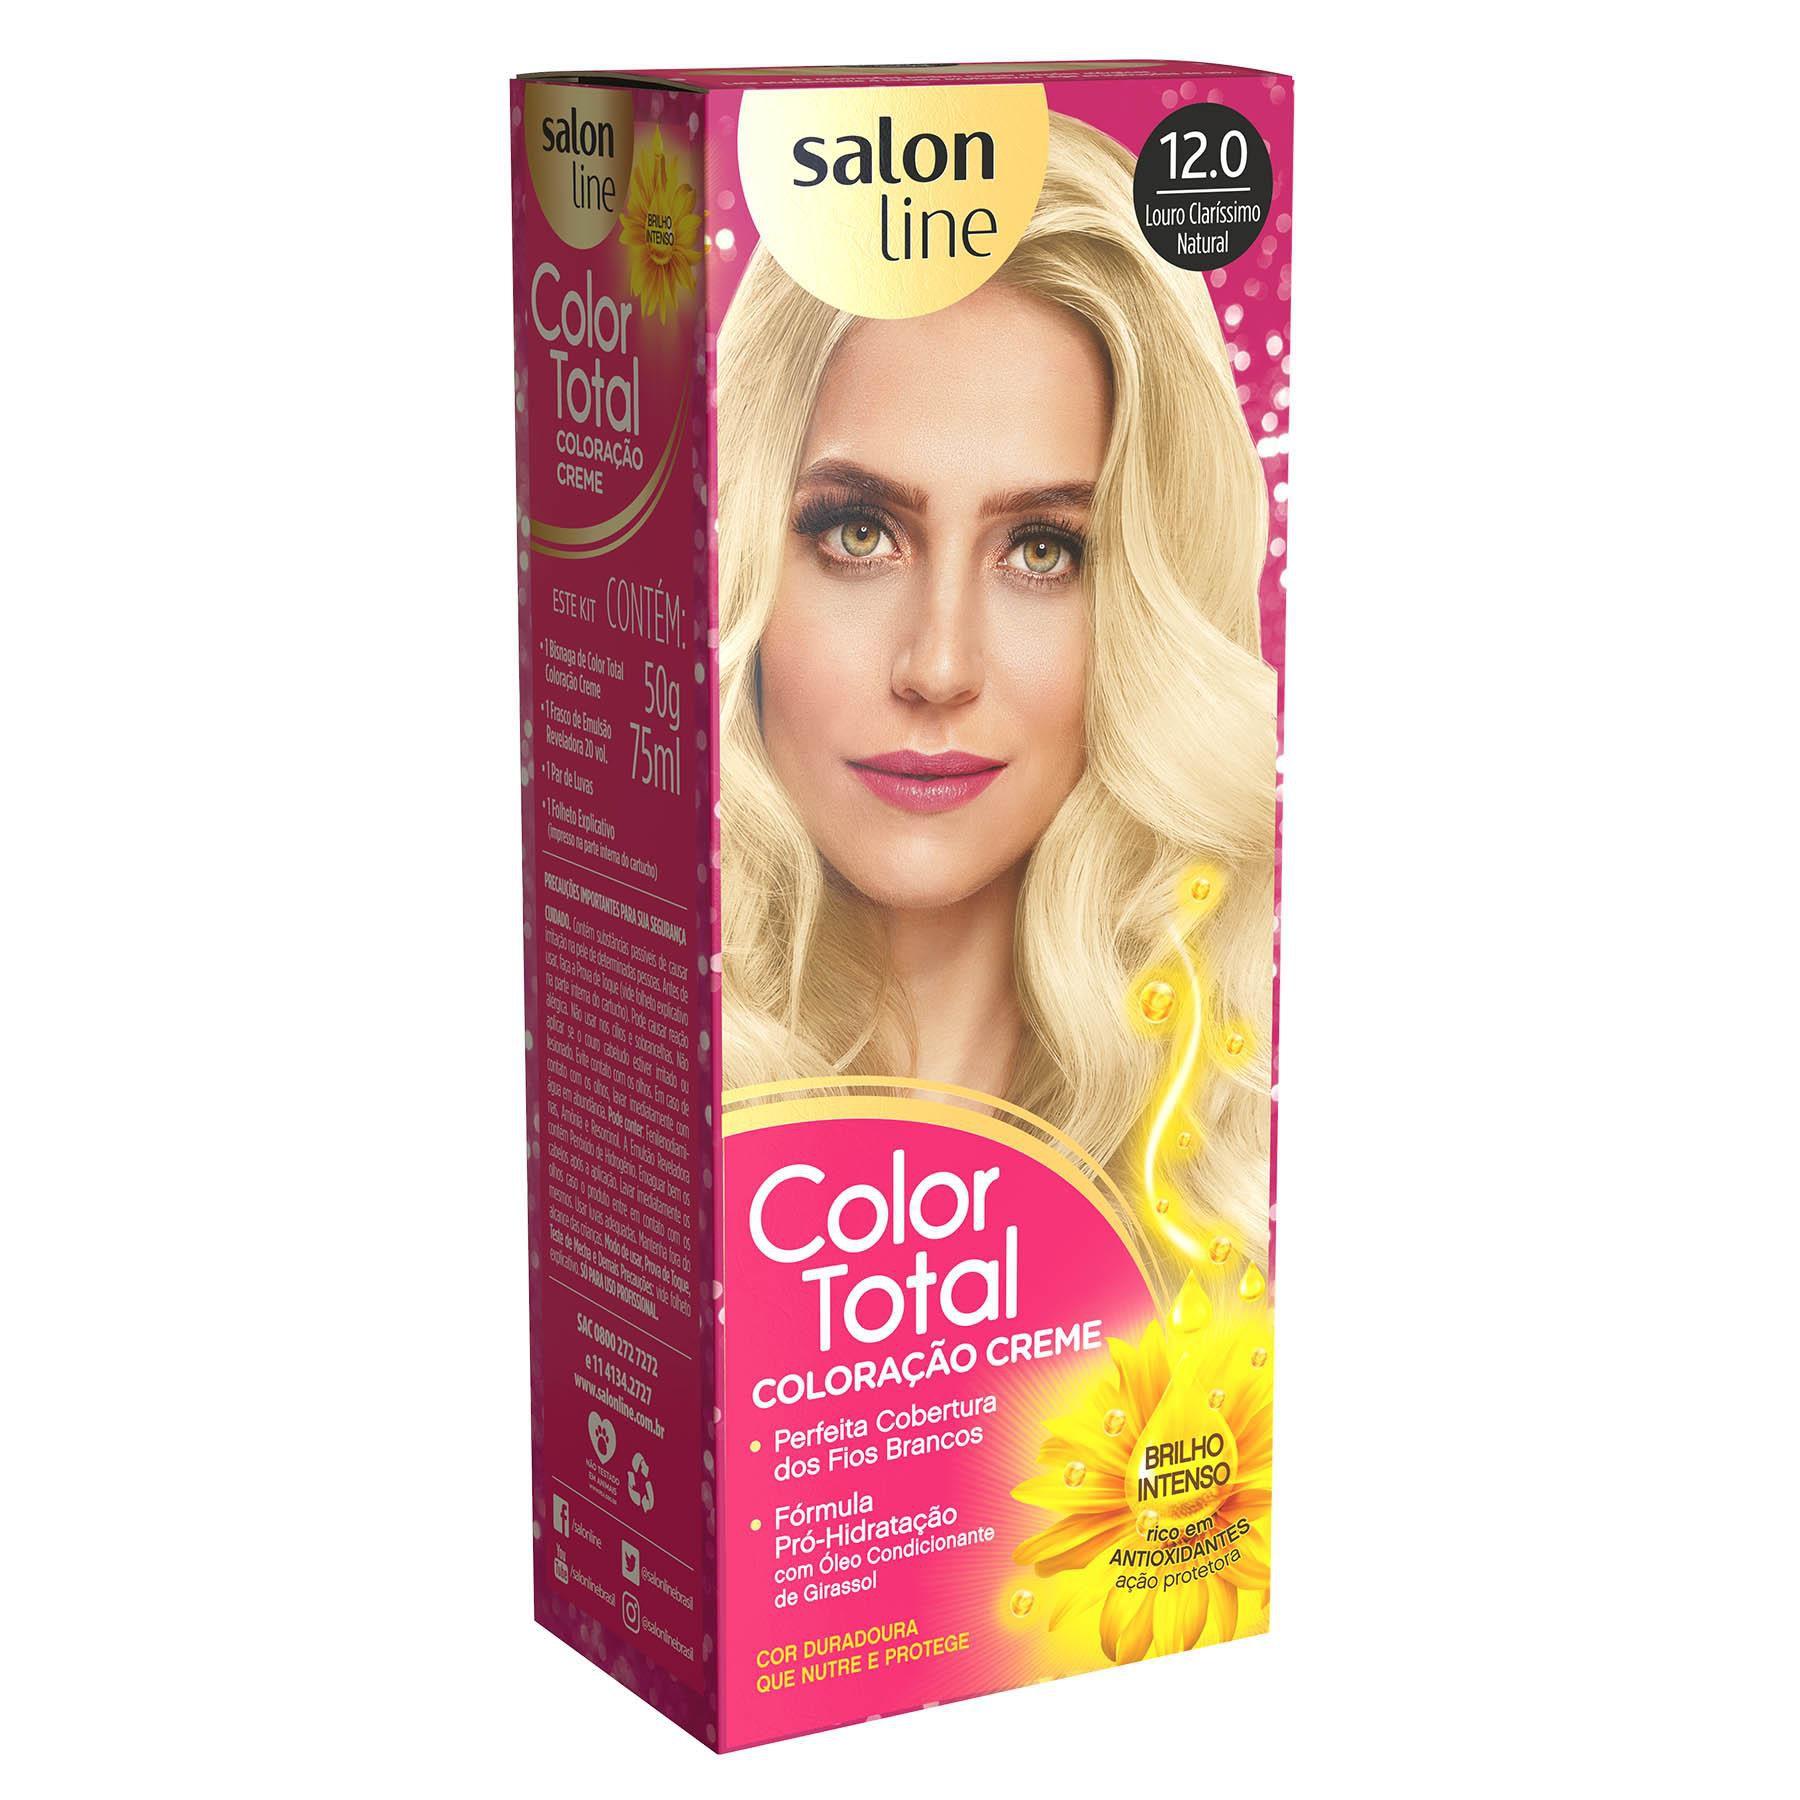 Salon Line Coloração Color Total 12.0 Louro Clarissimo Natural